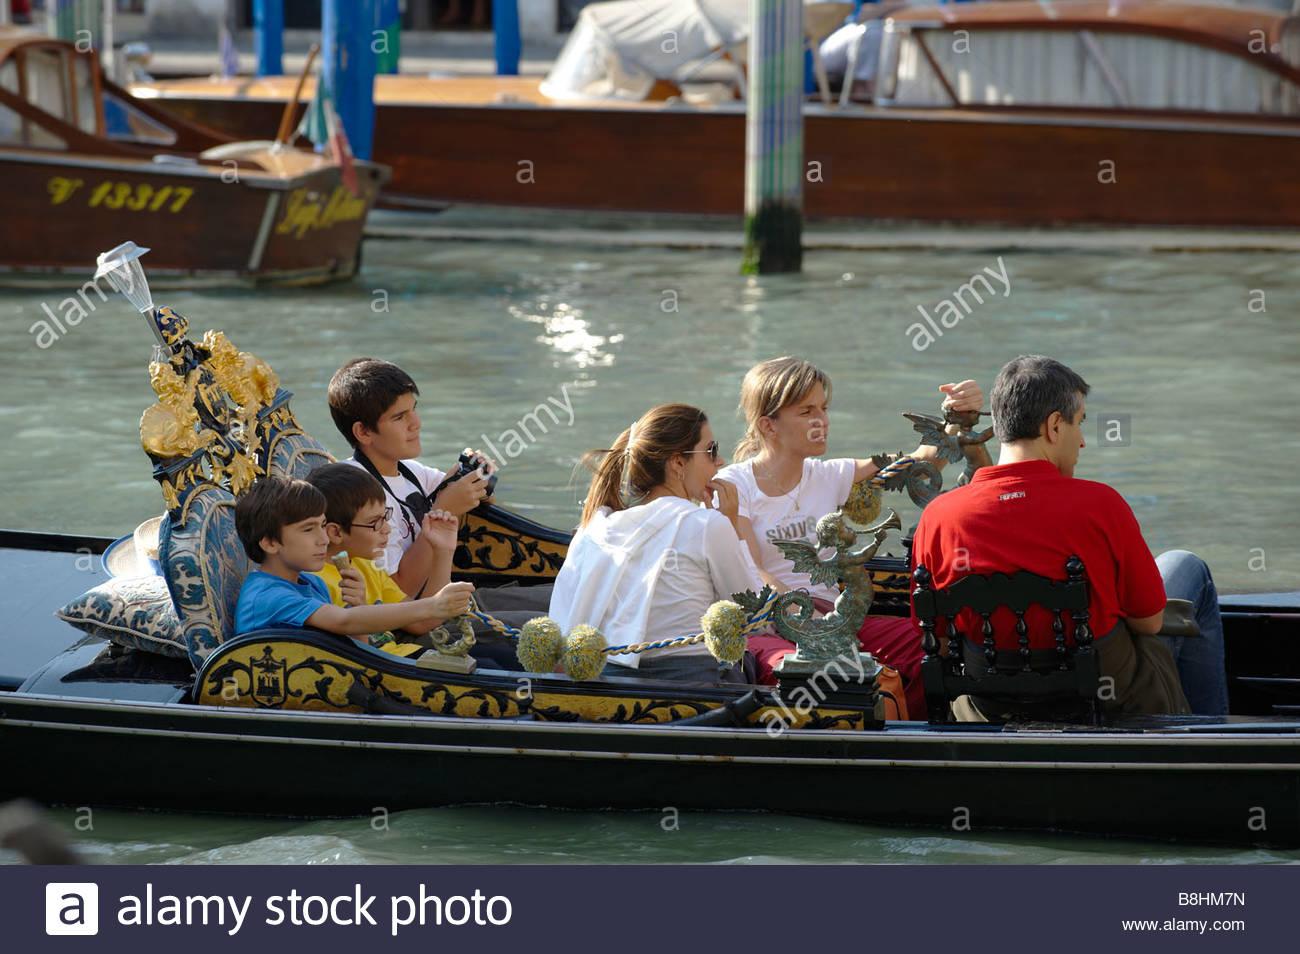 Familia en una góndola, Venecia Italia Imagen De Stock